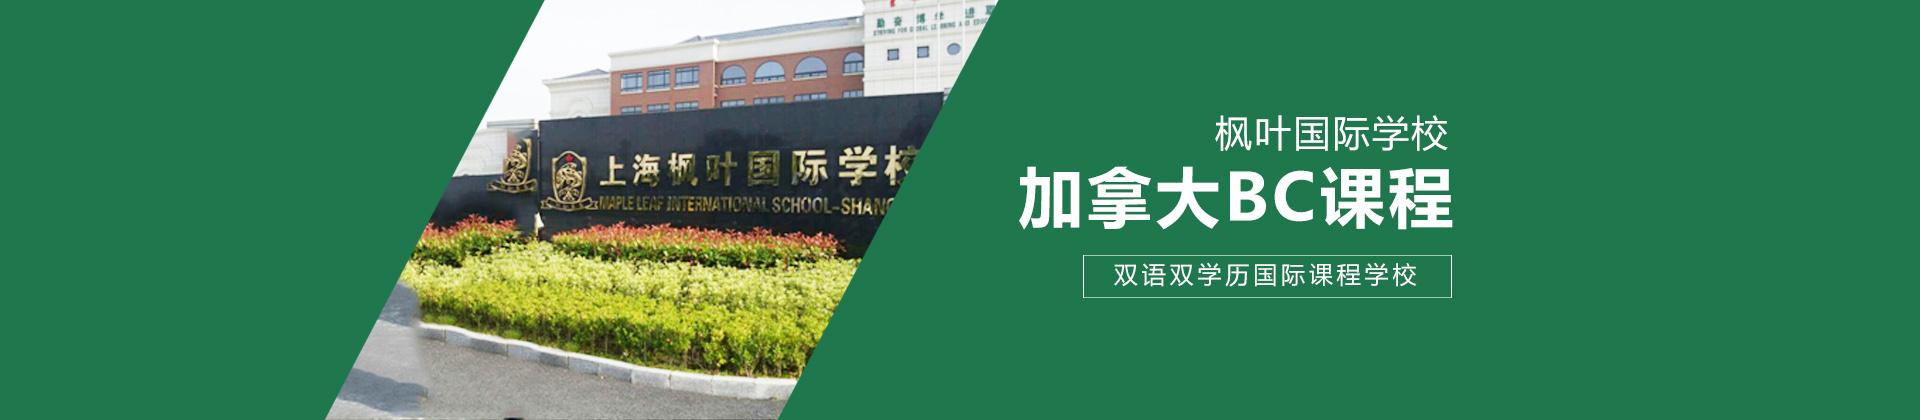 上海楓葉國際學校